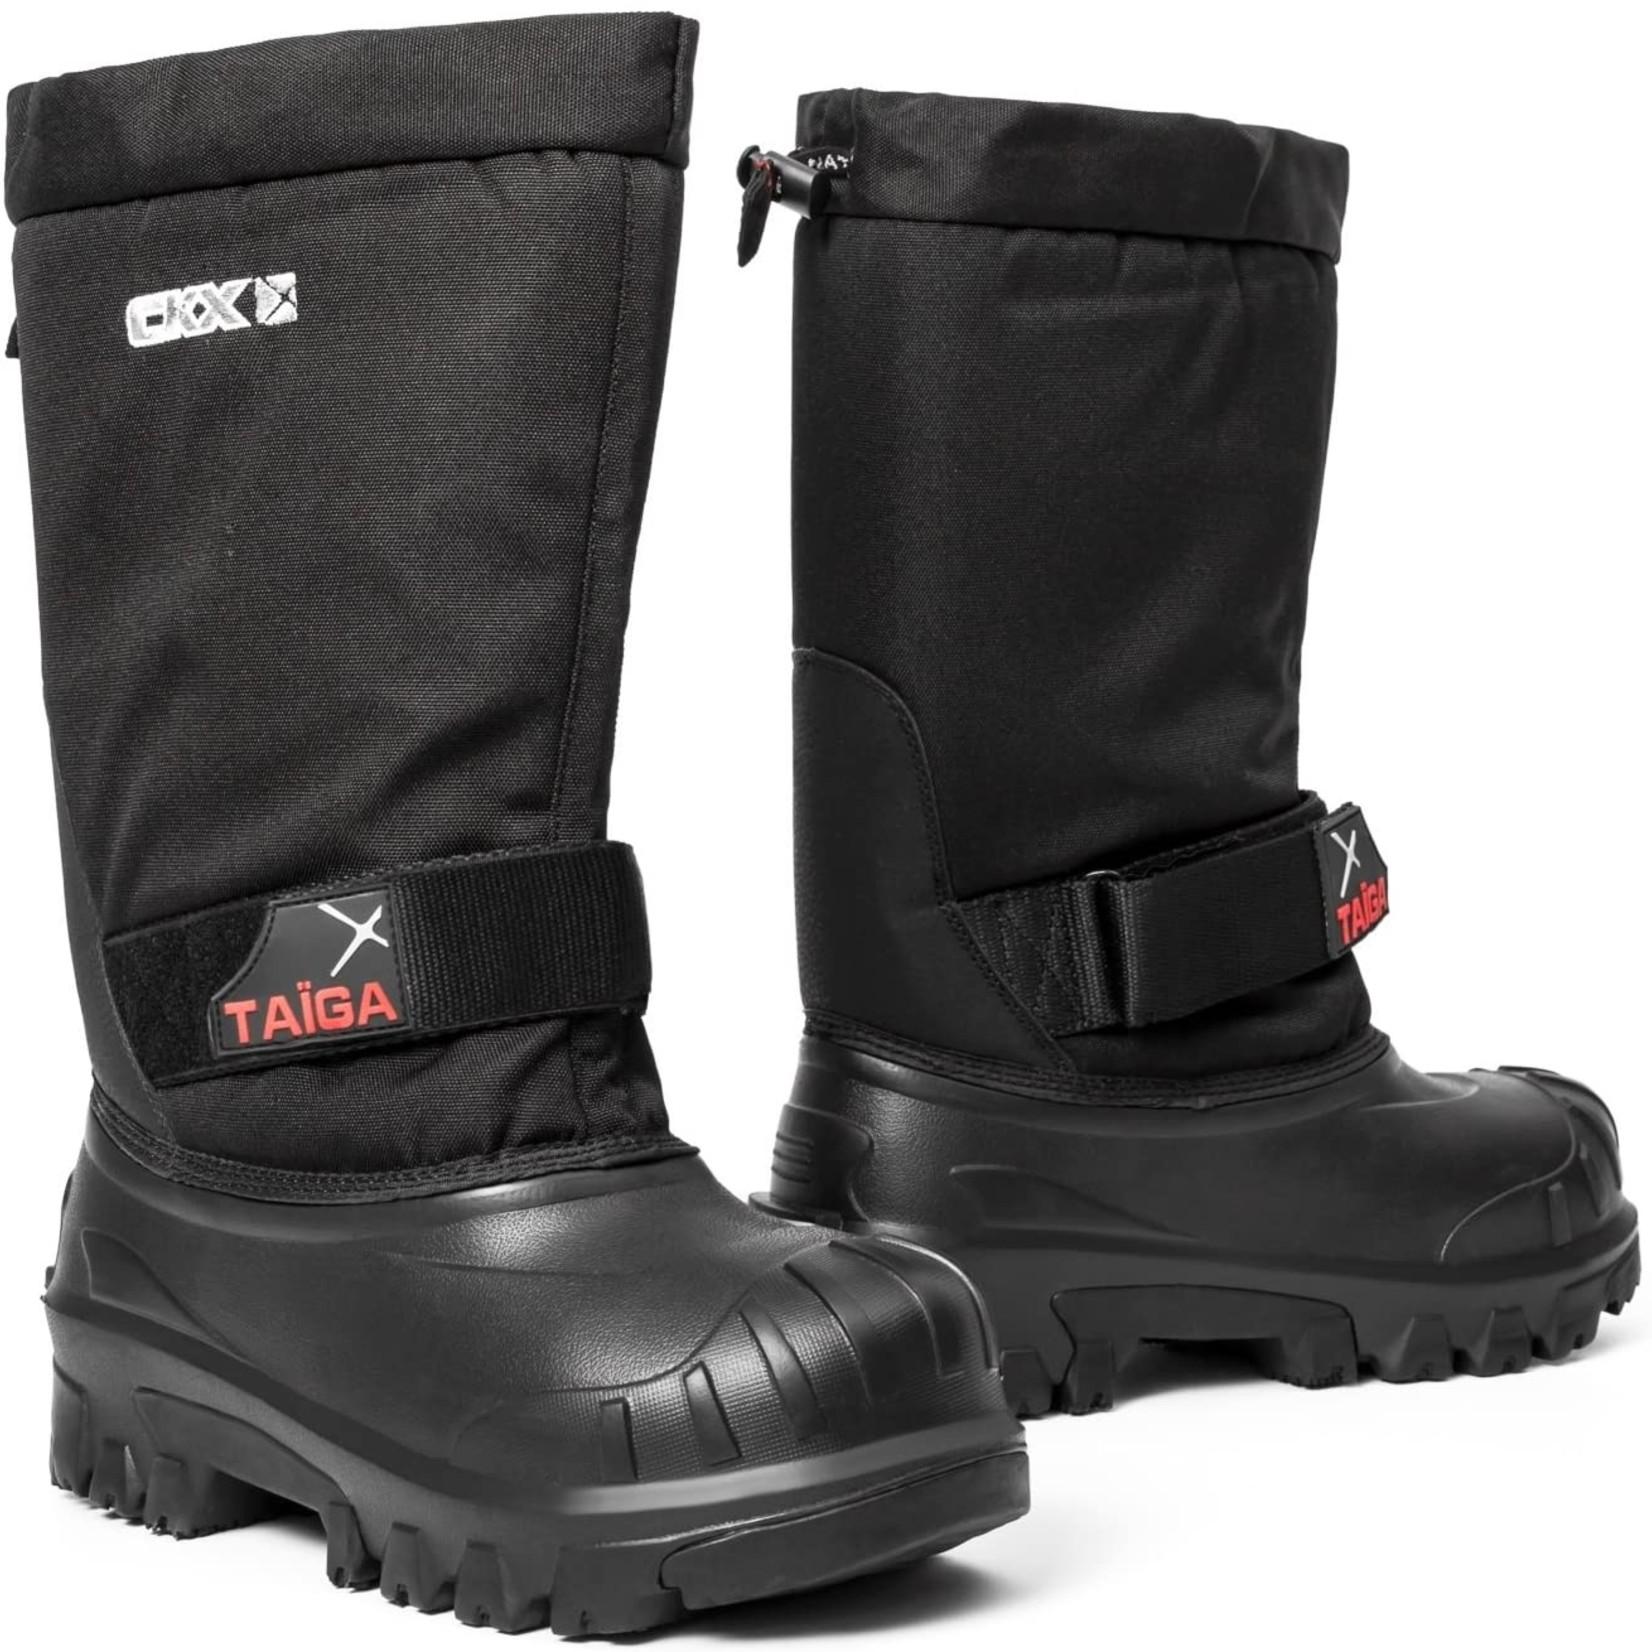 CKX CKX Taiga EVO Boot